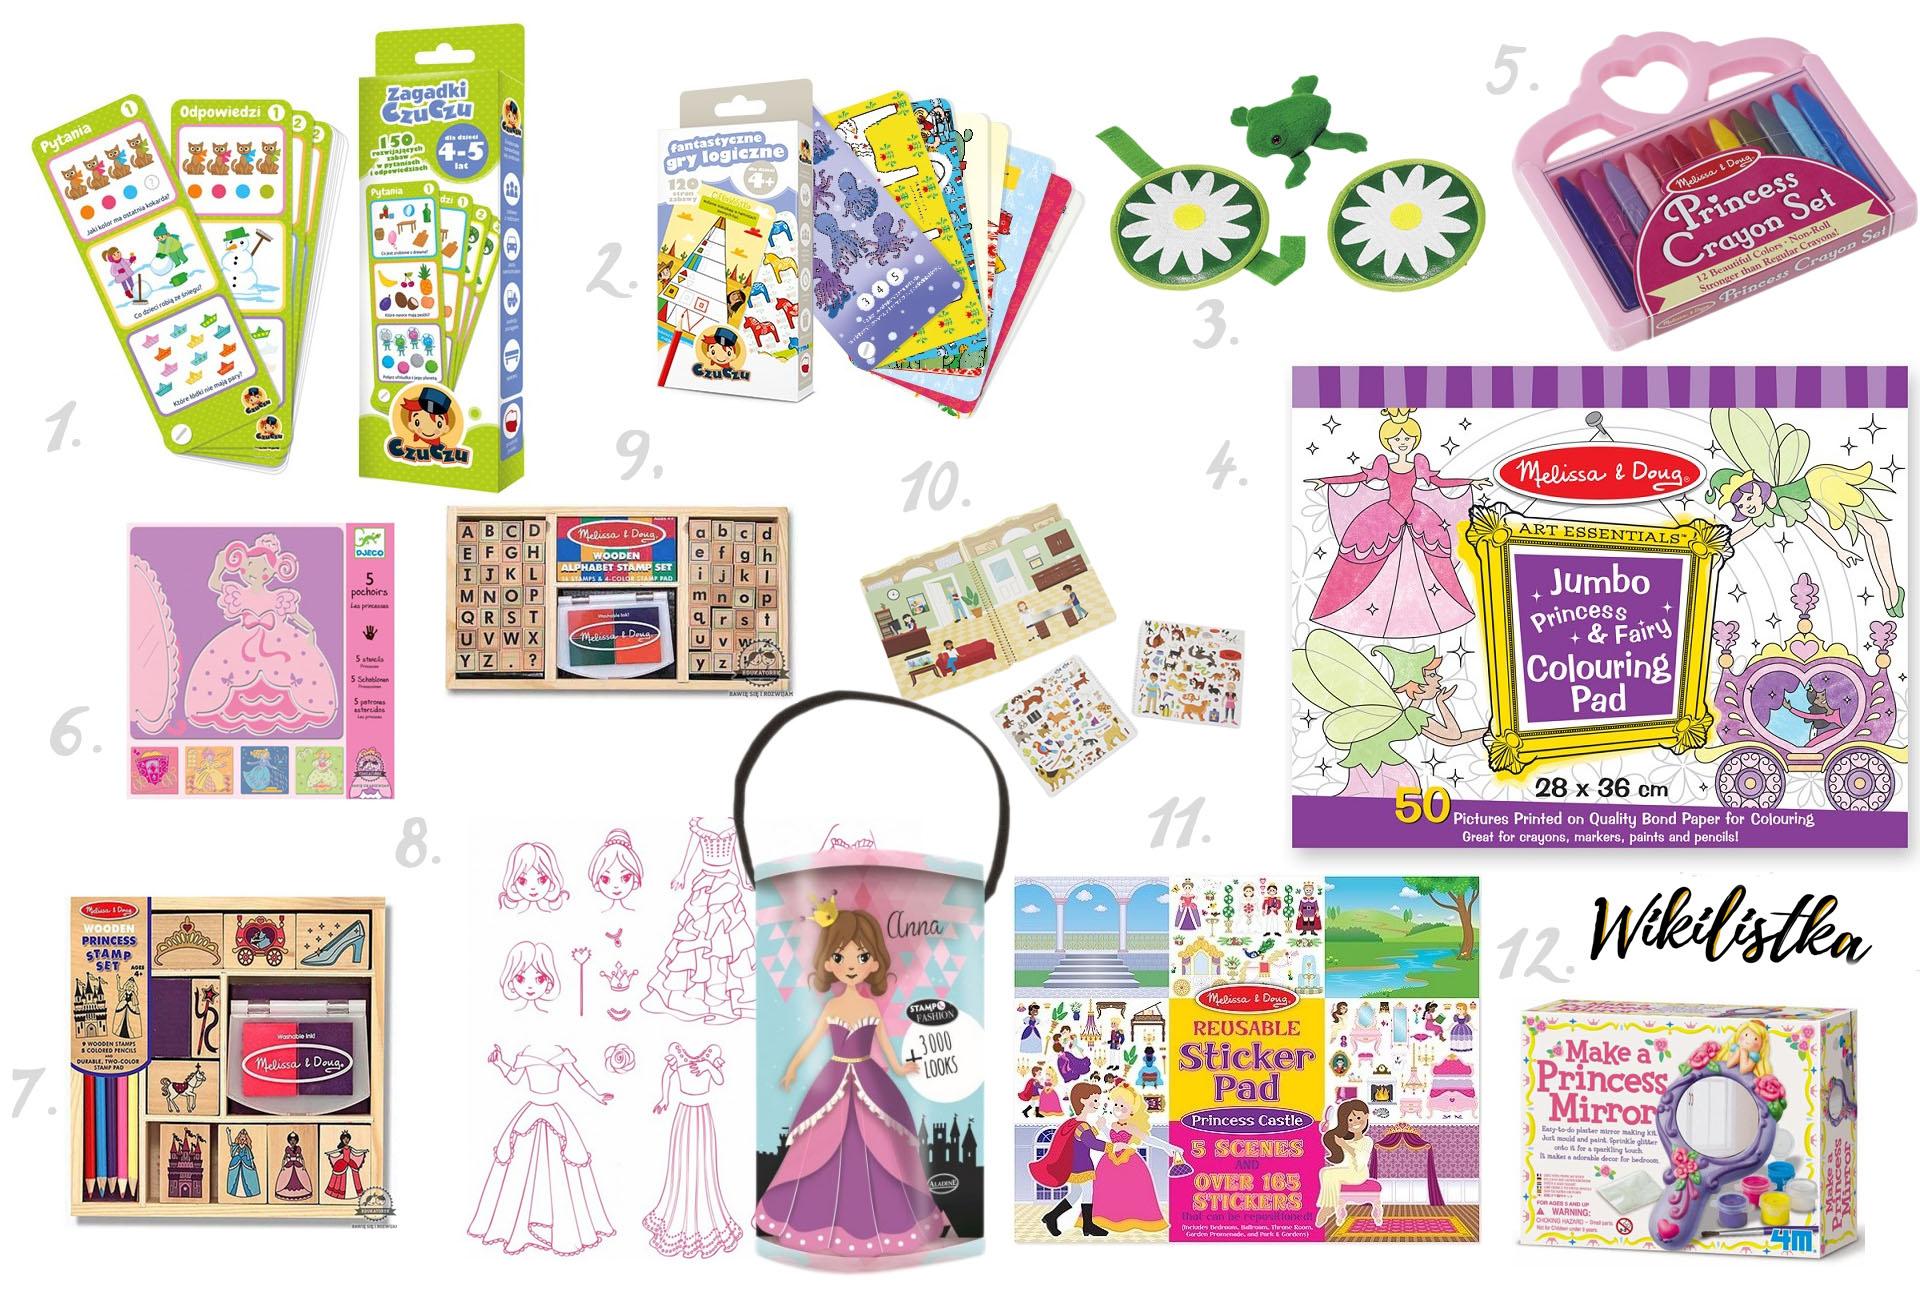 zabawki-prezent-na-dzień-dziecka23-wikilistka